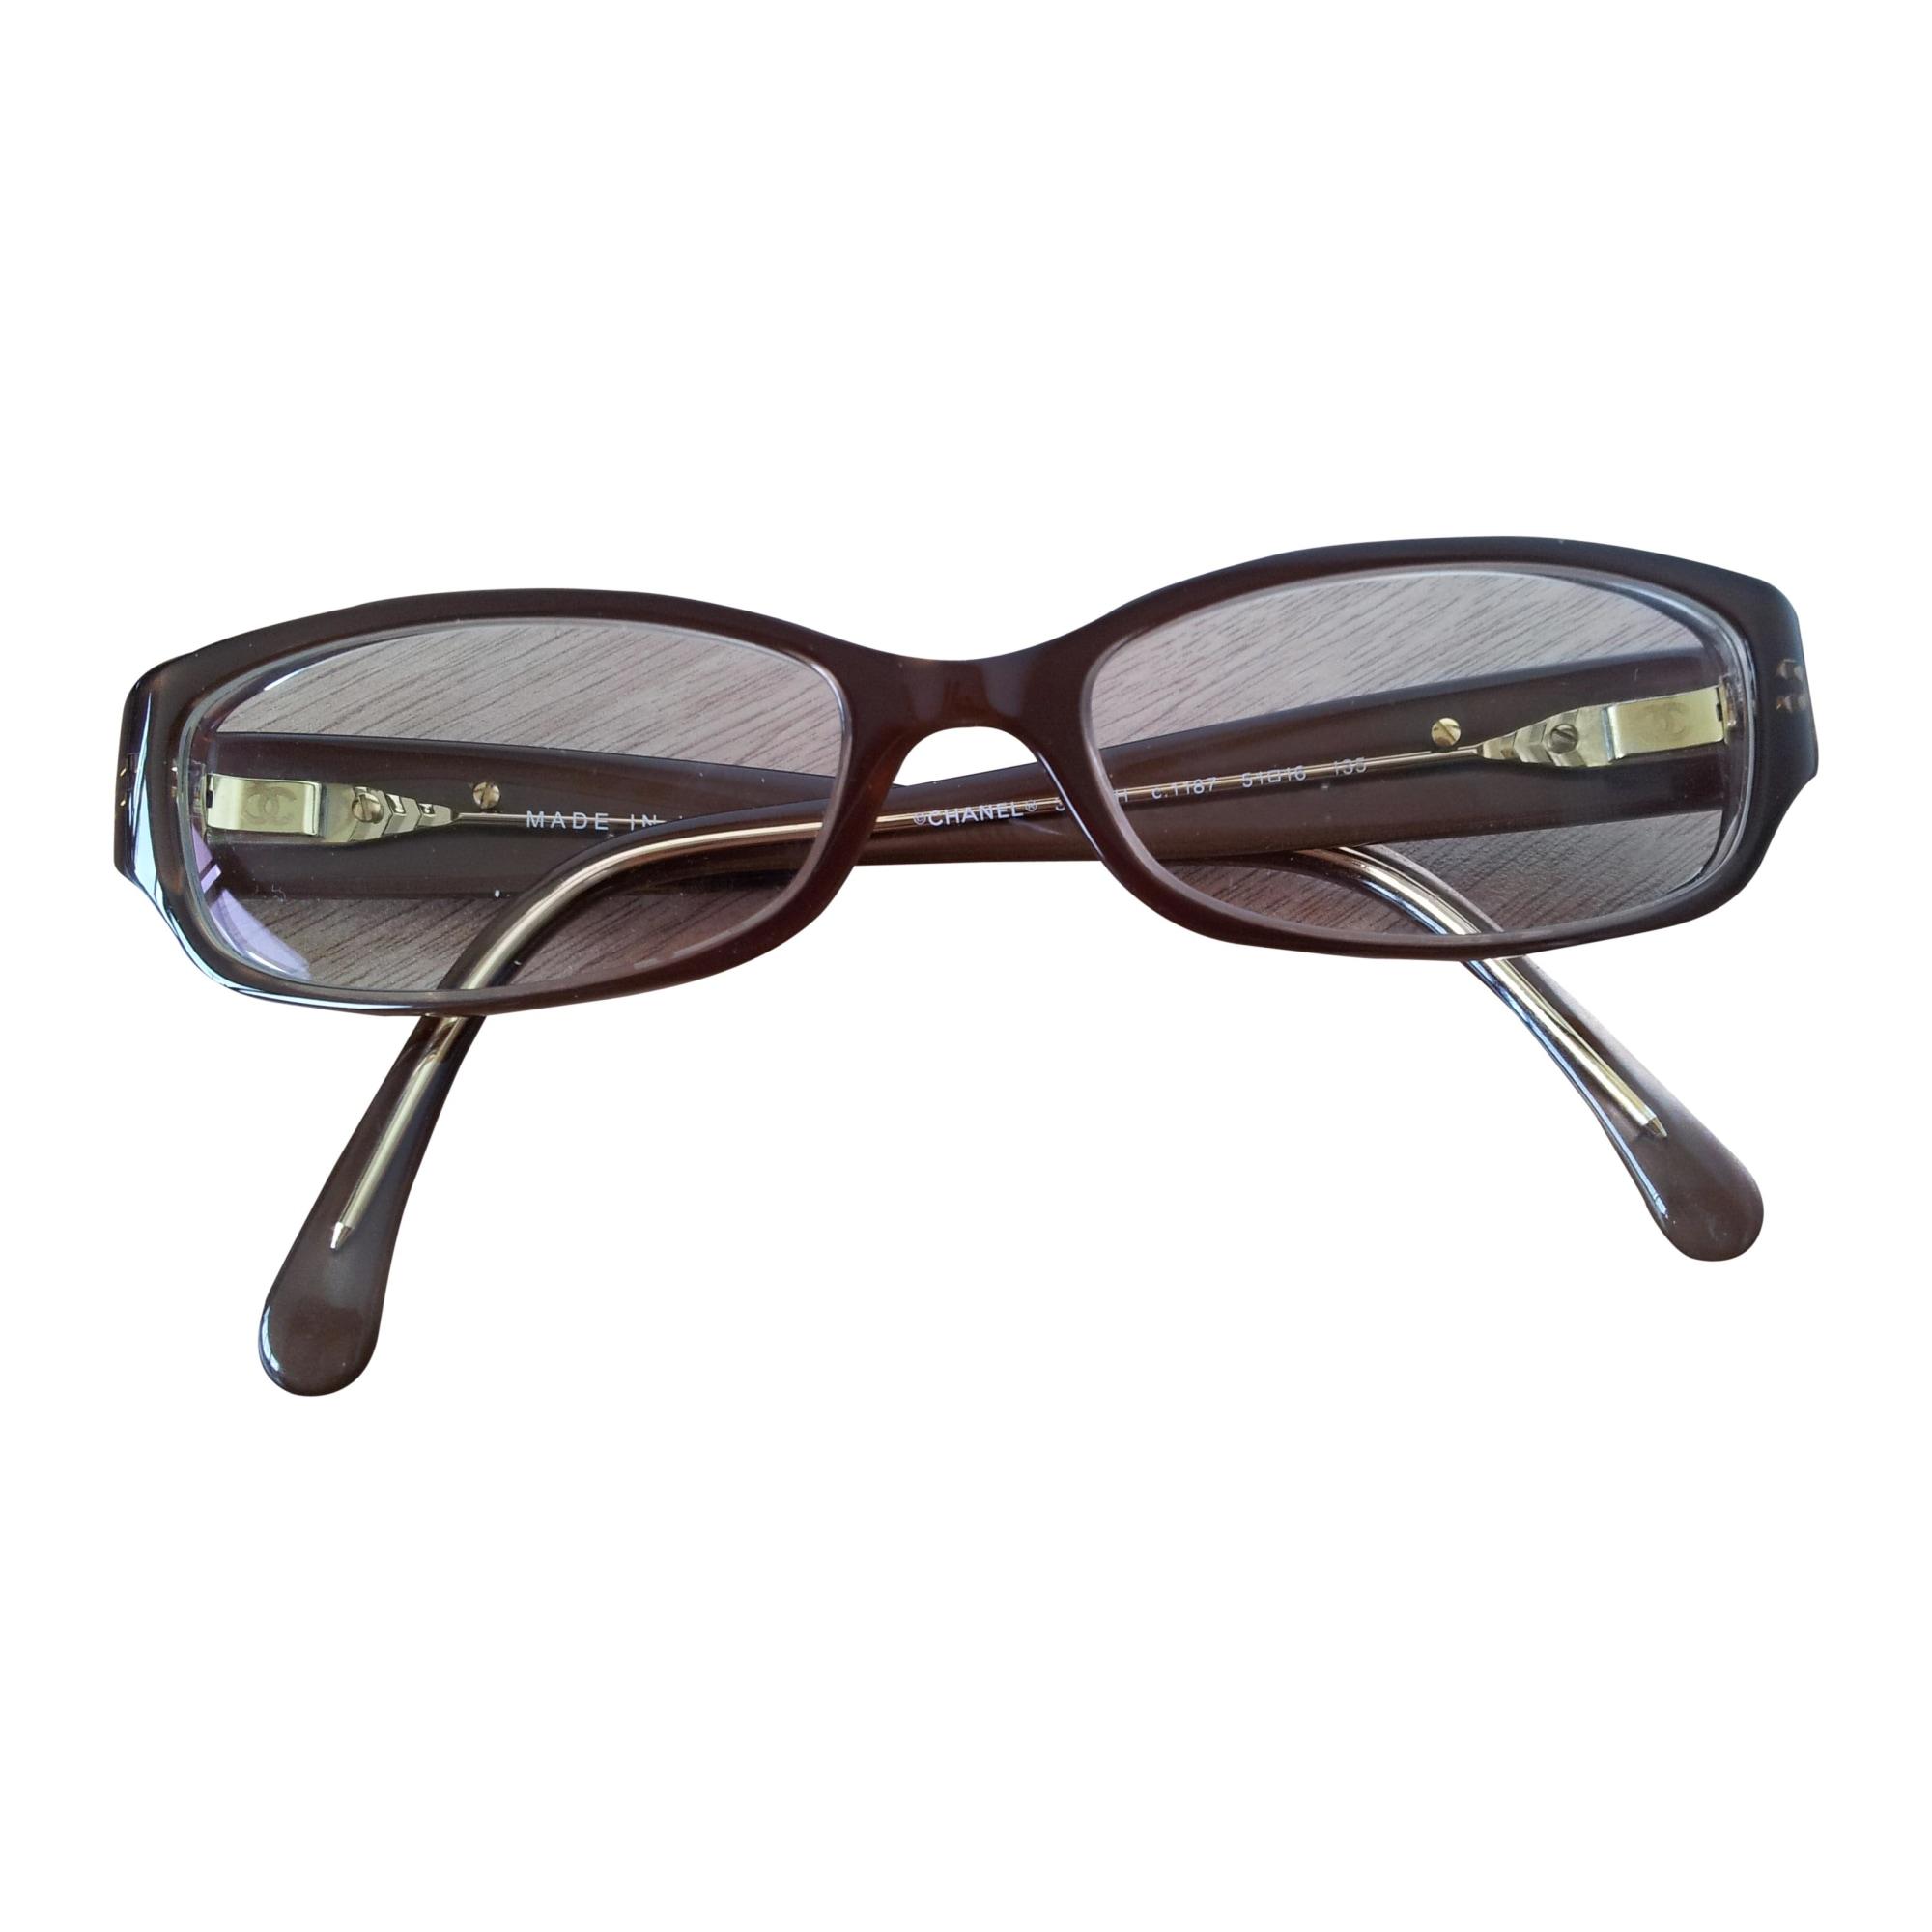 Monture de lunettes CHANEL Marron